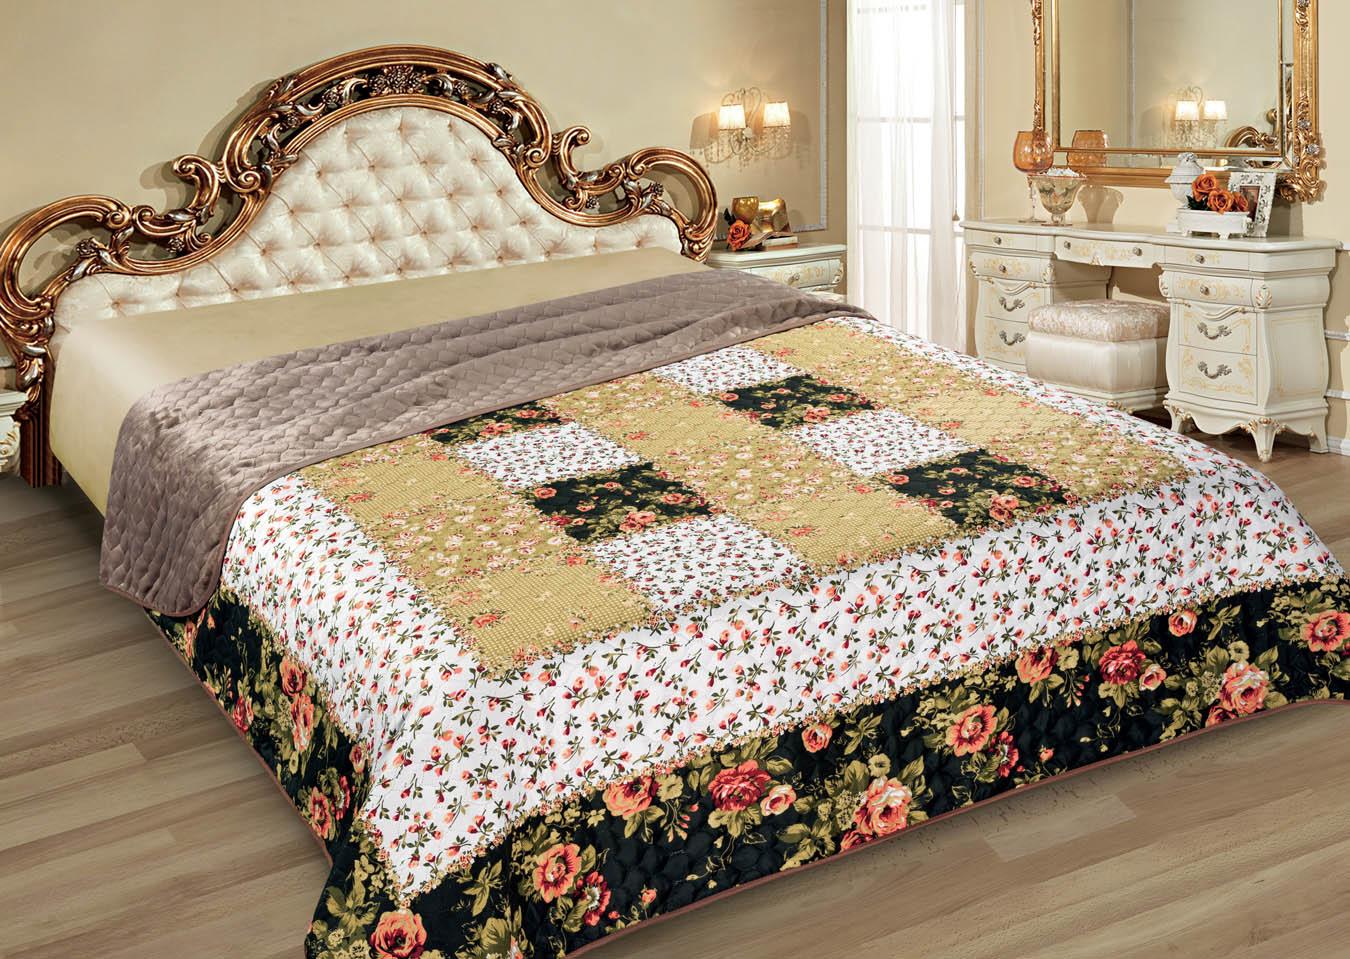 Покрывало Marianna Покрывало Моника (200х220 см) marianna marianna одеяло покрывало моника 200х220 см